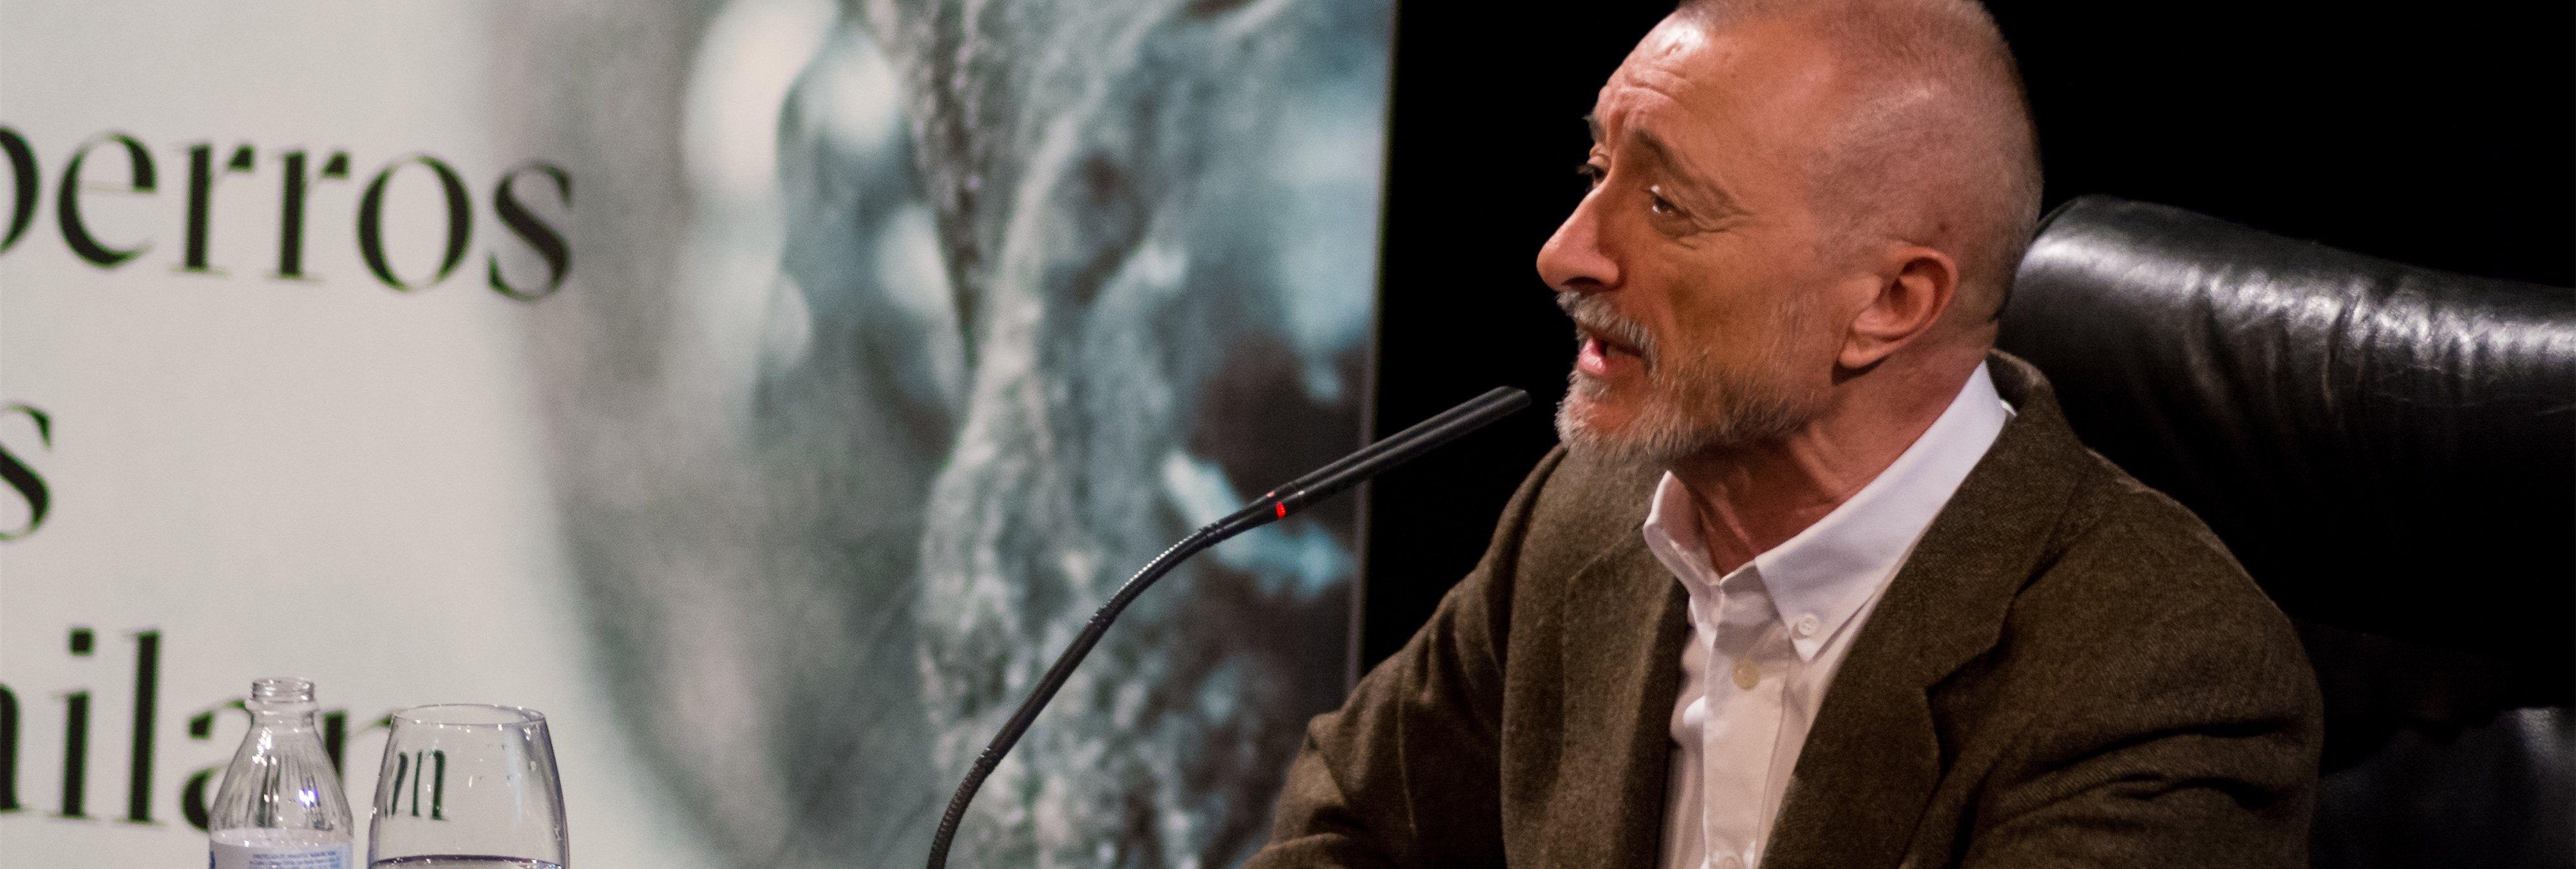 Pérez-Reverte dejará la RAE si se cambia la Constitución con un lenguaje inclusivo